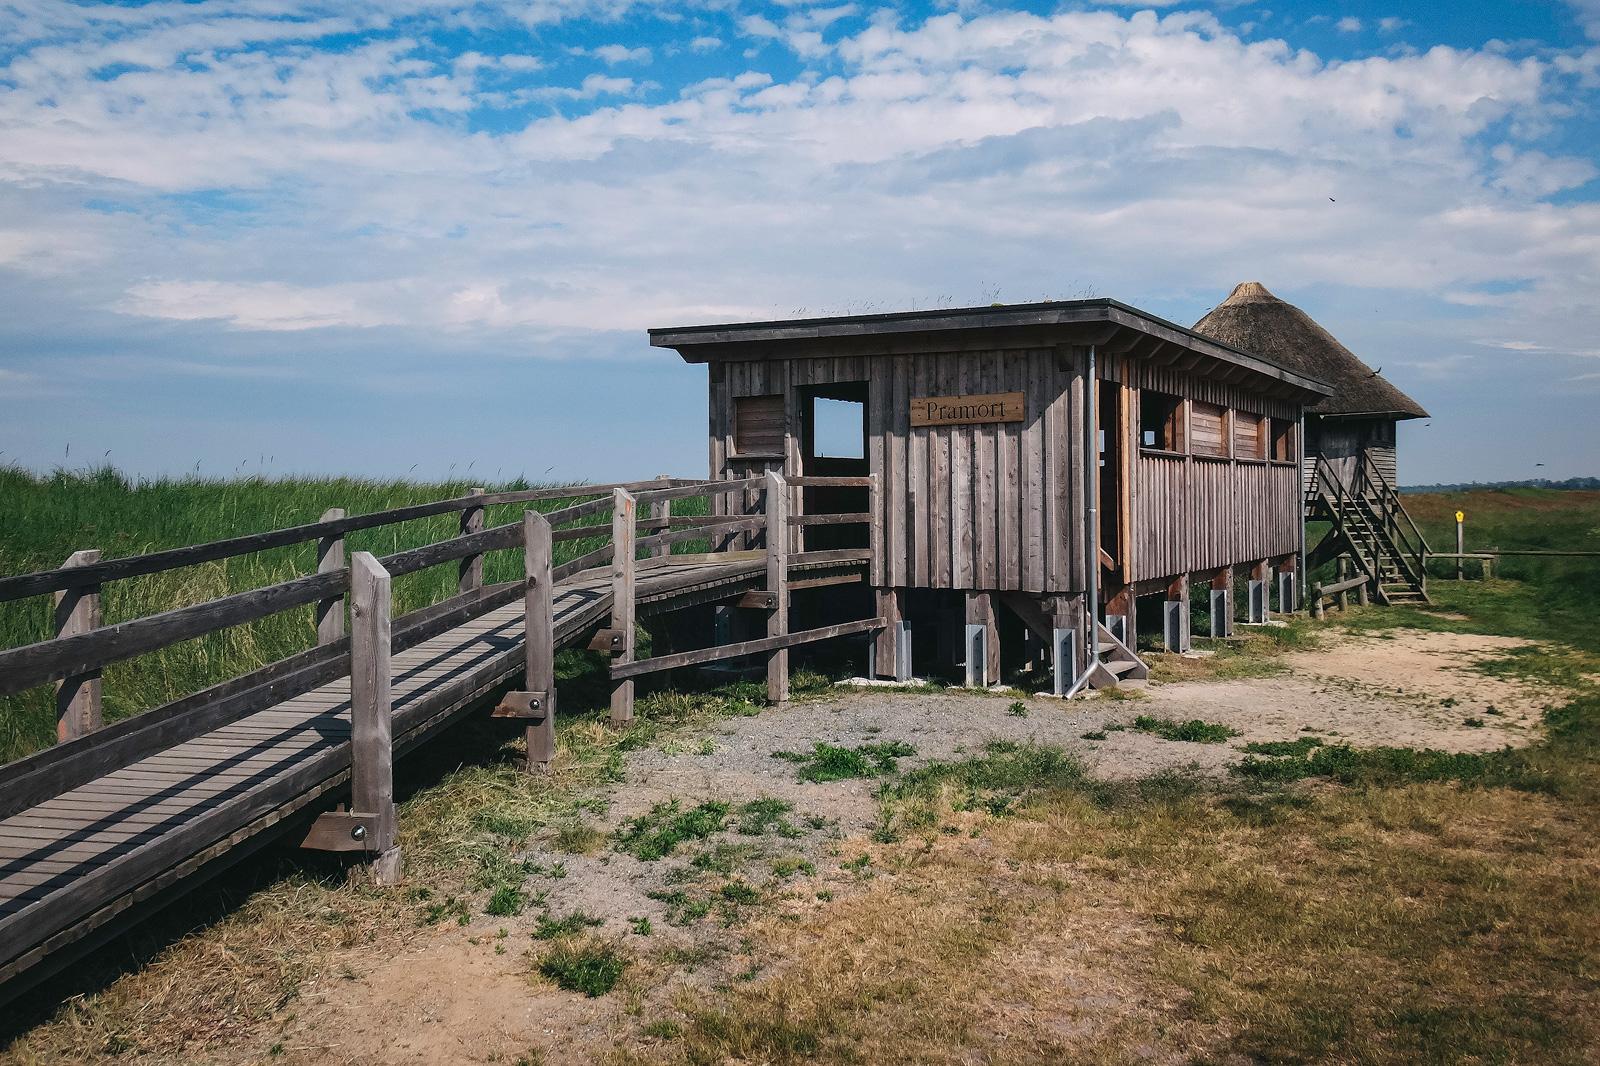 Aussichtspunkt Pramort. Hier können im Herbst und Frühjahr tausende Kraniche beobachtet werden.